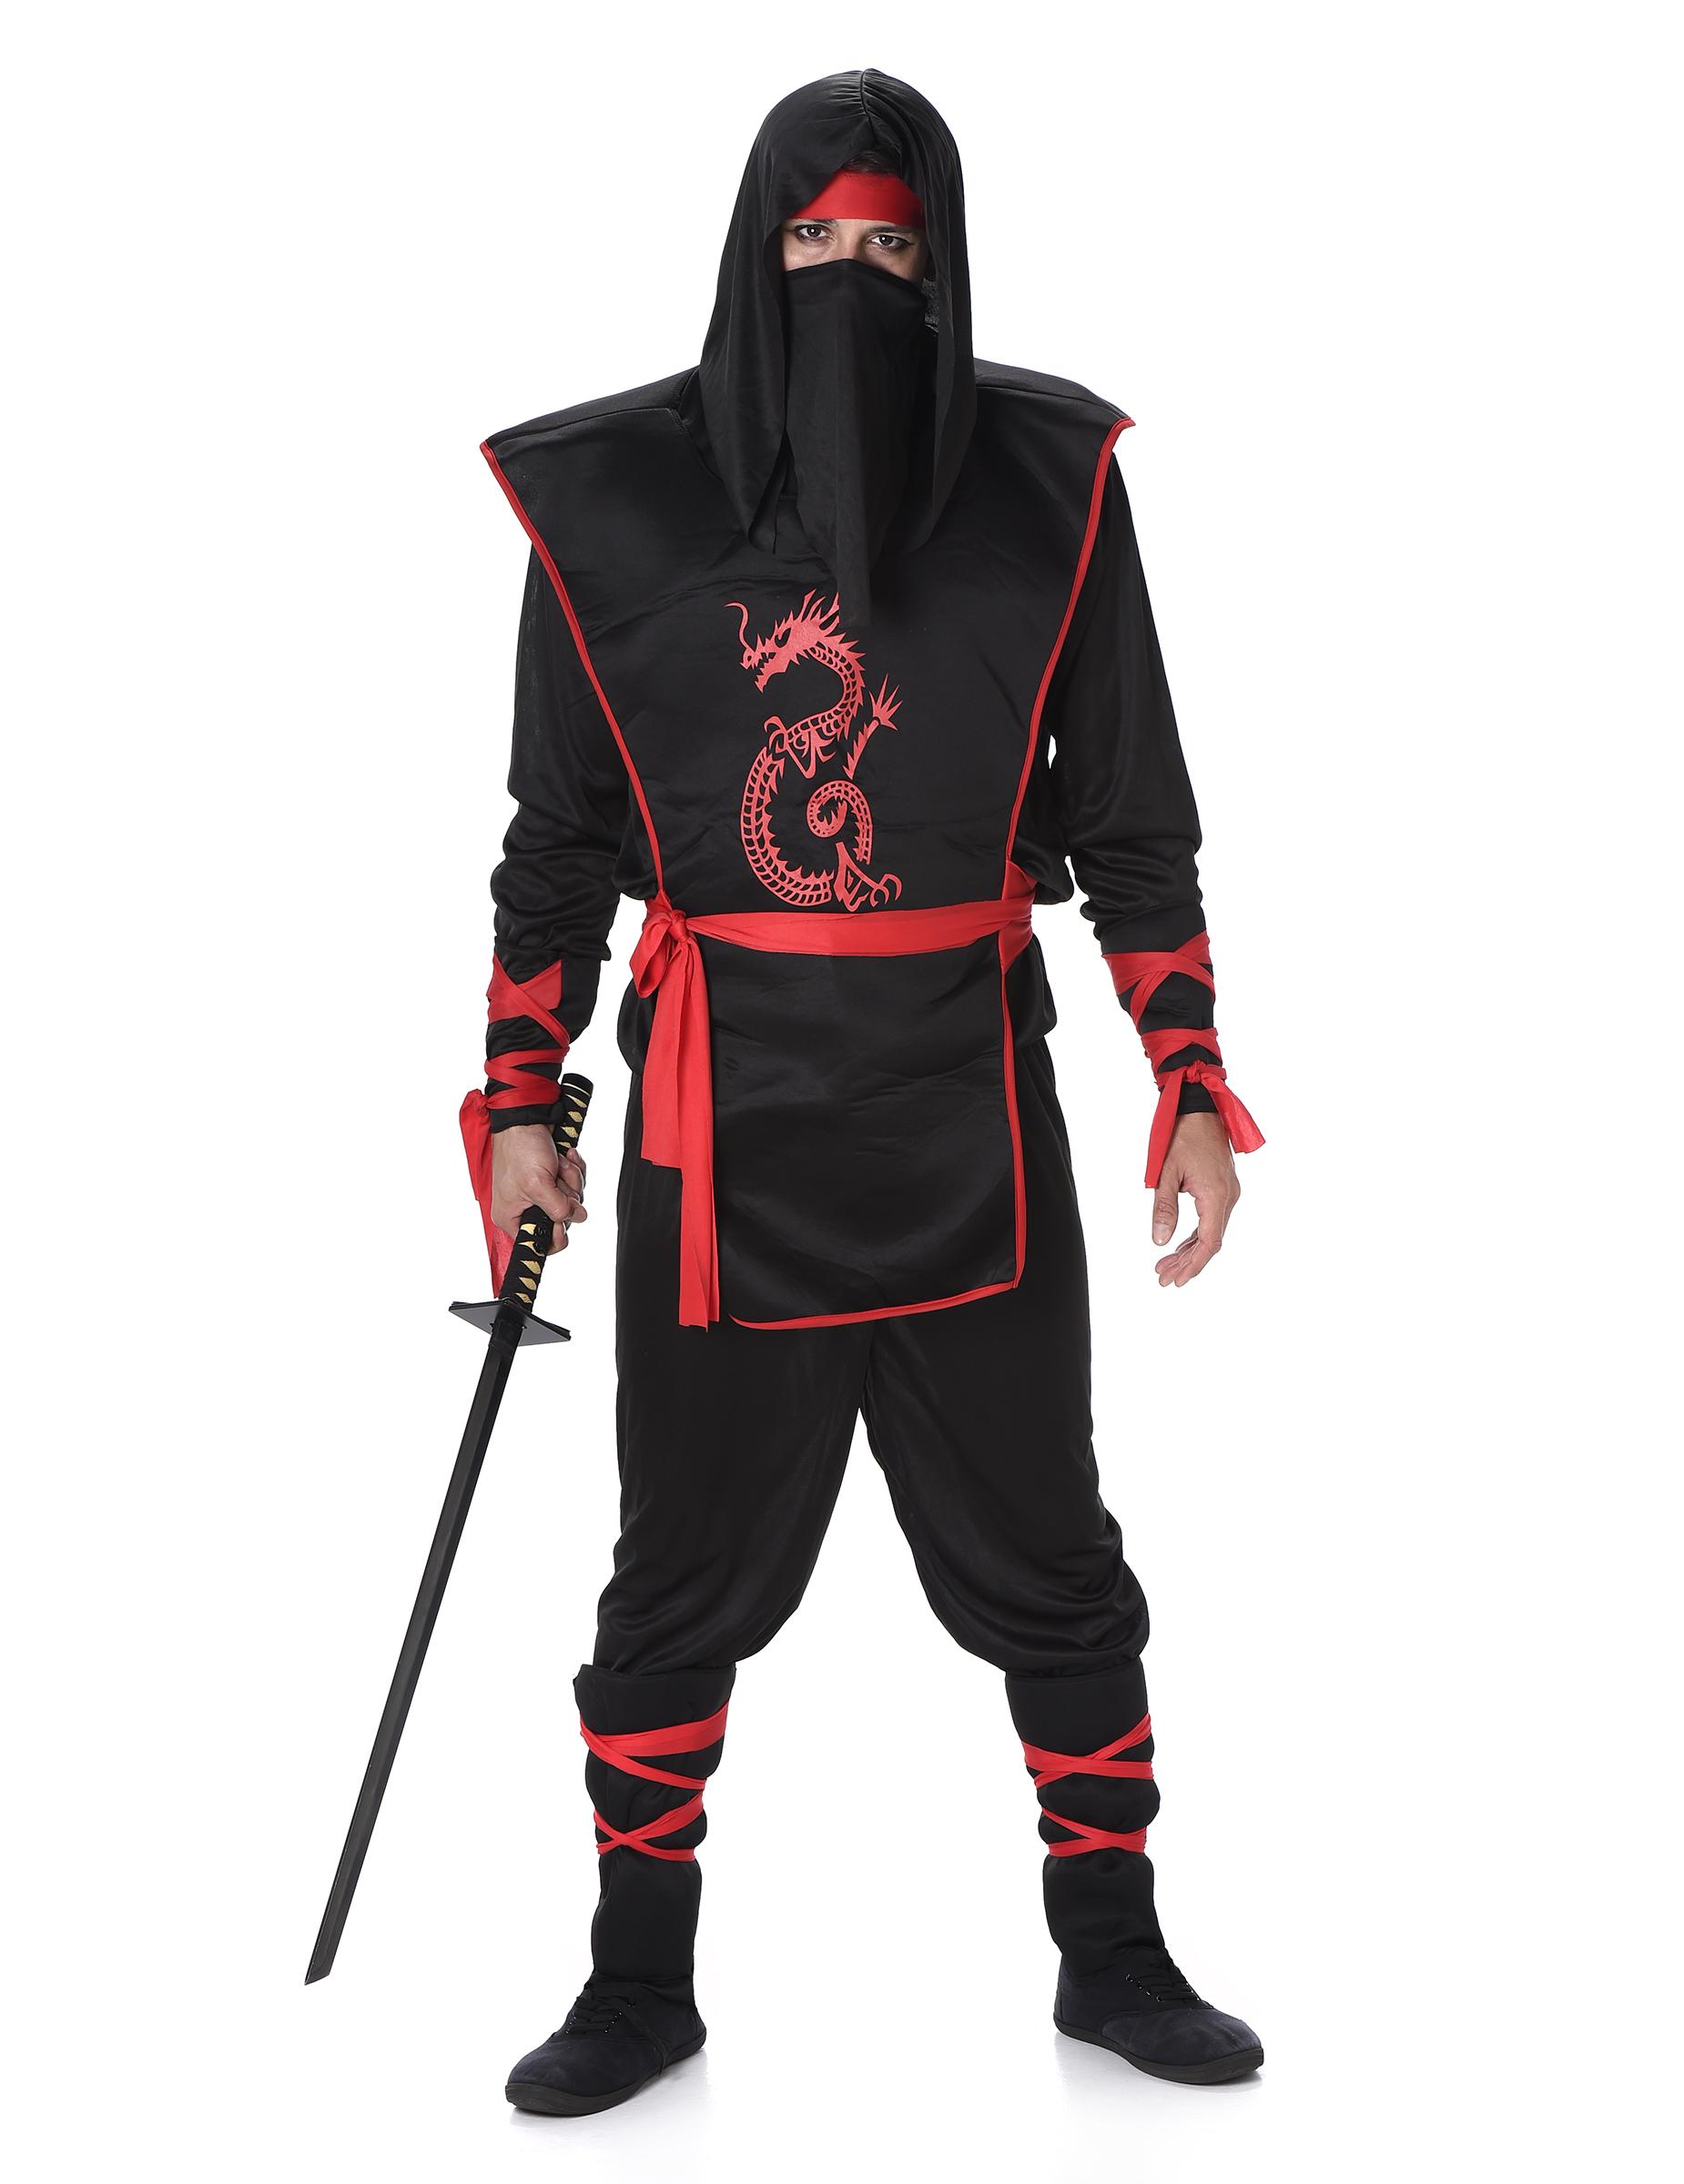 Déguisements adultes Peuples du monde Asie, vente de costumes homme ... 710b8311fca4